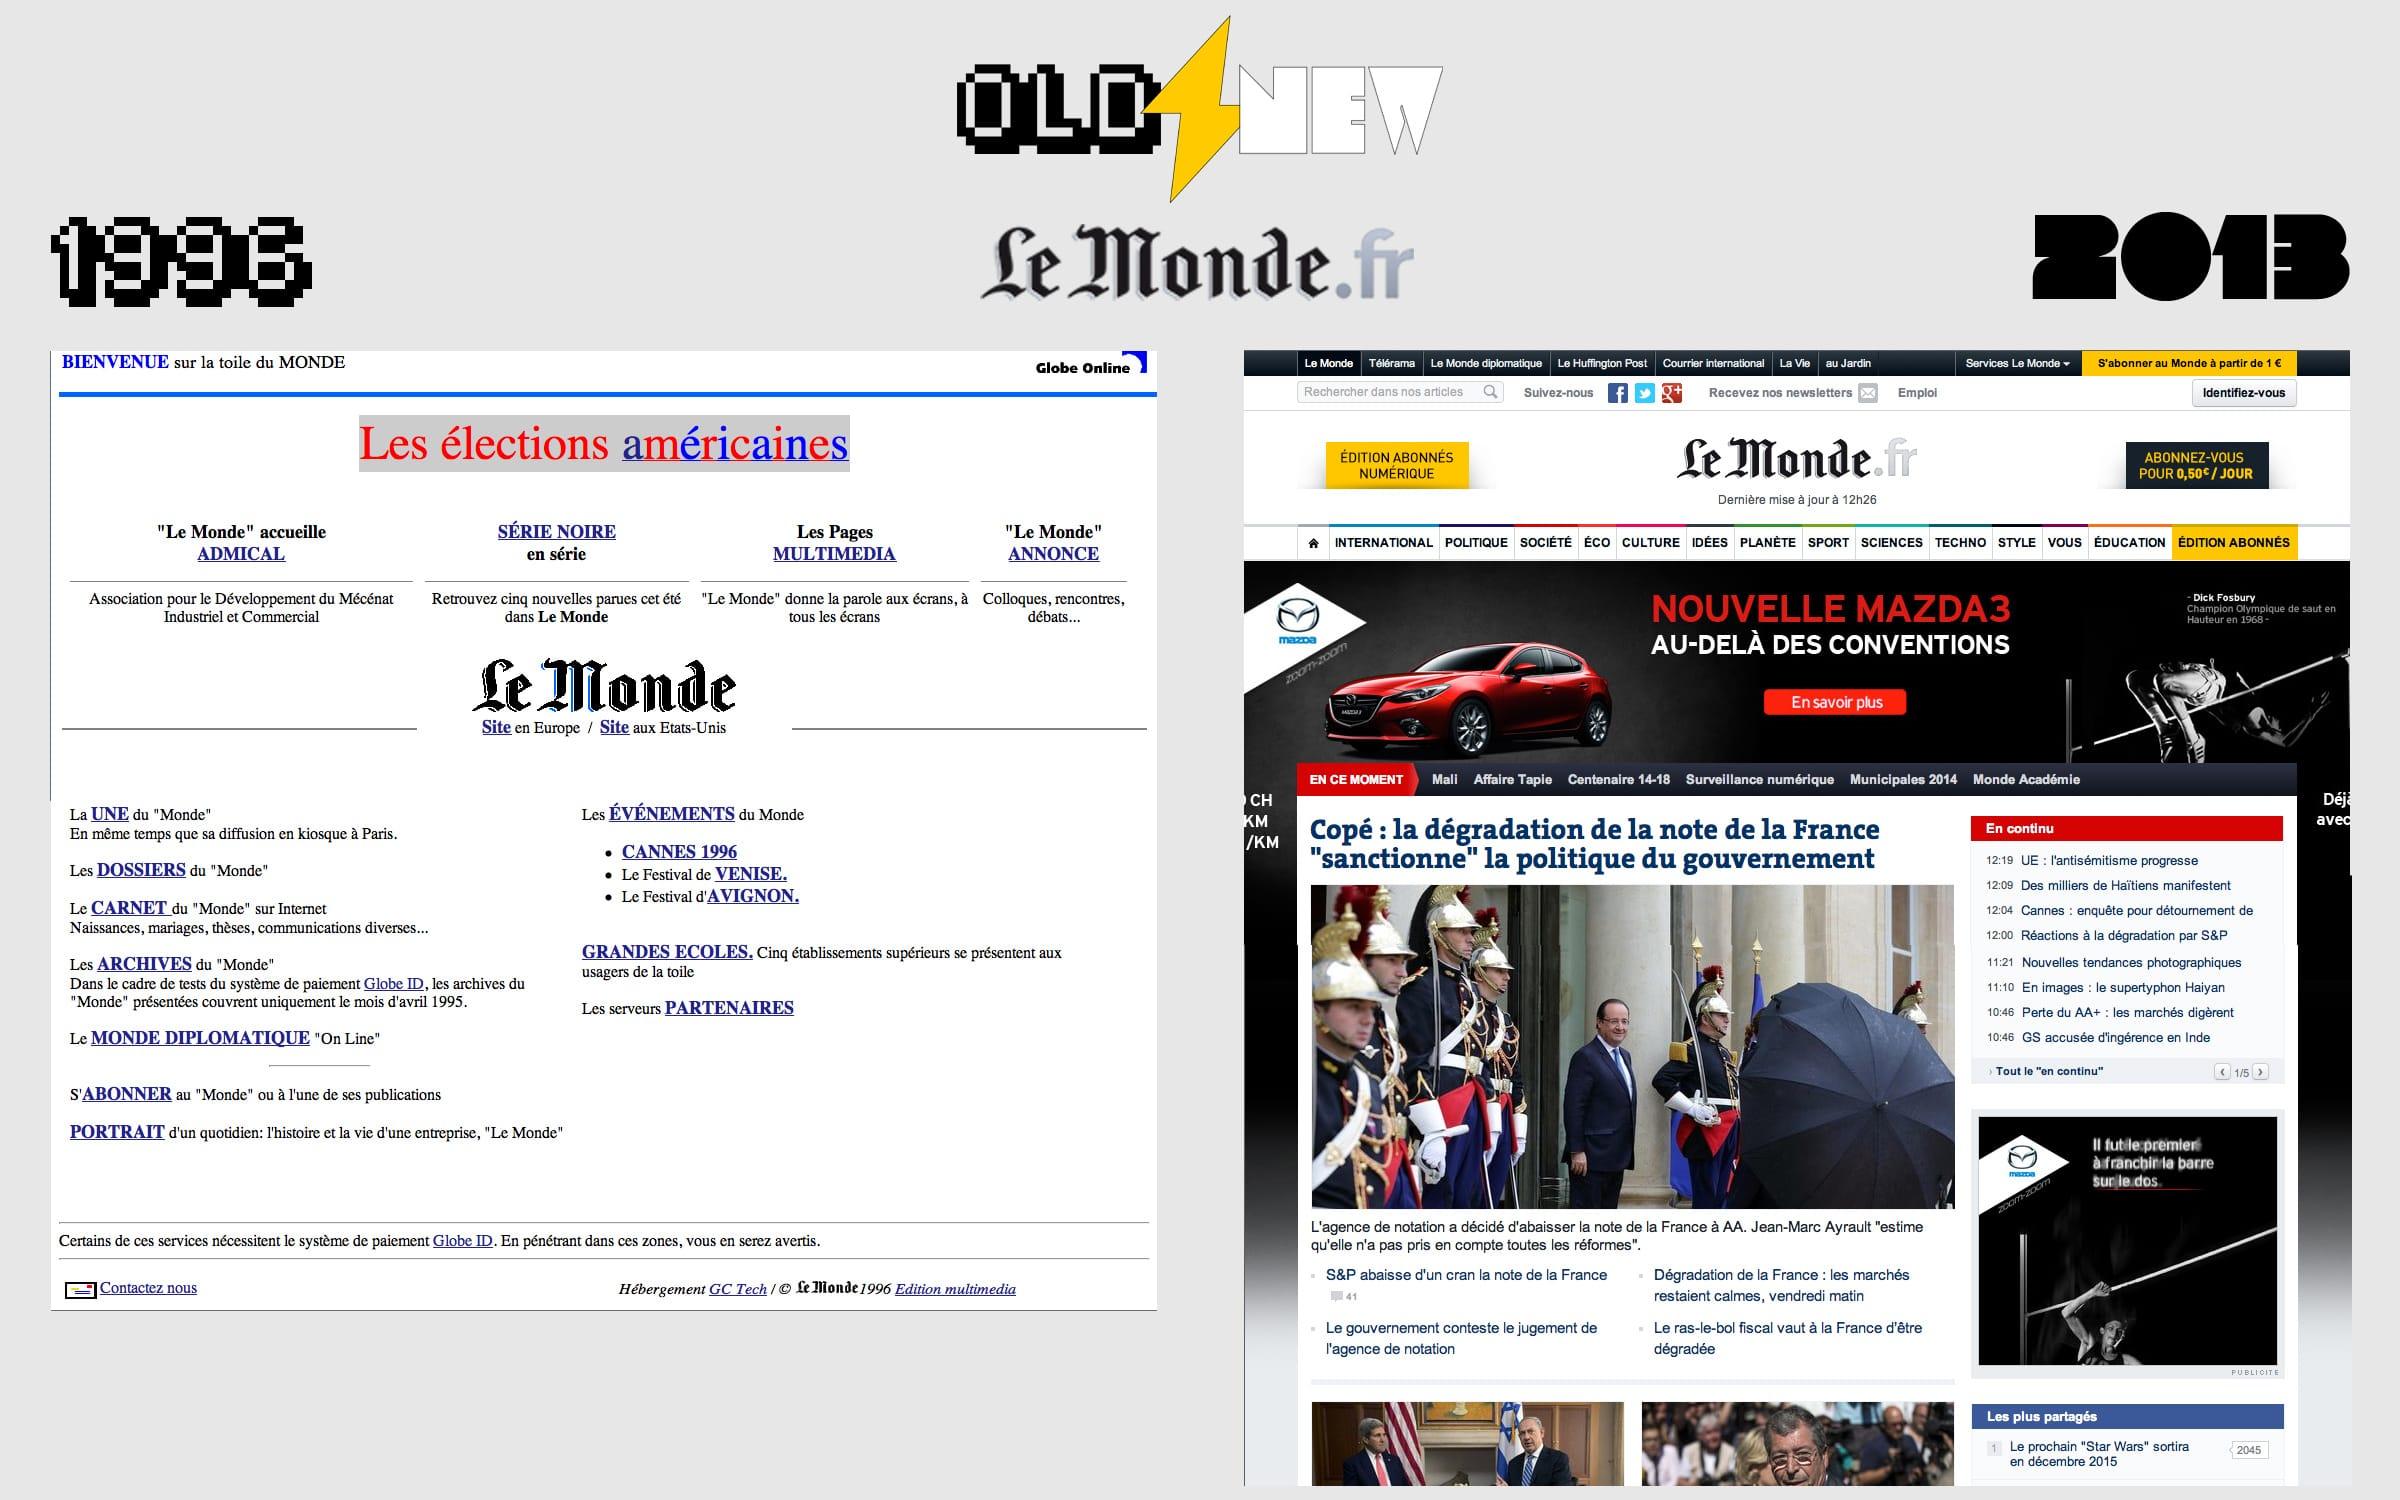 OldvsNew_lemondefr